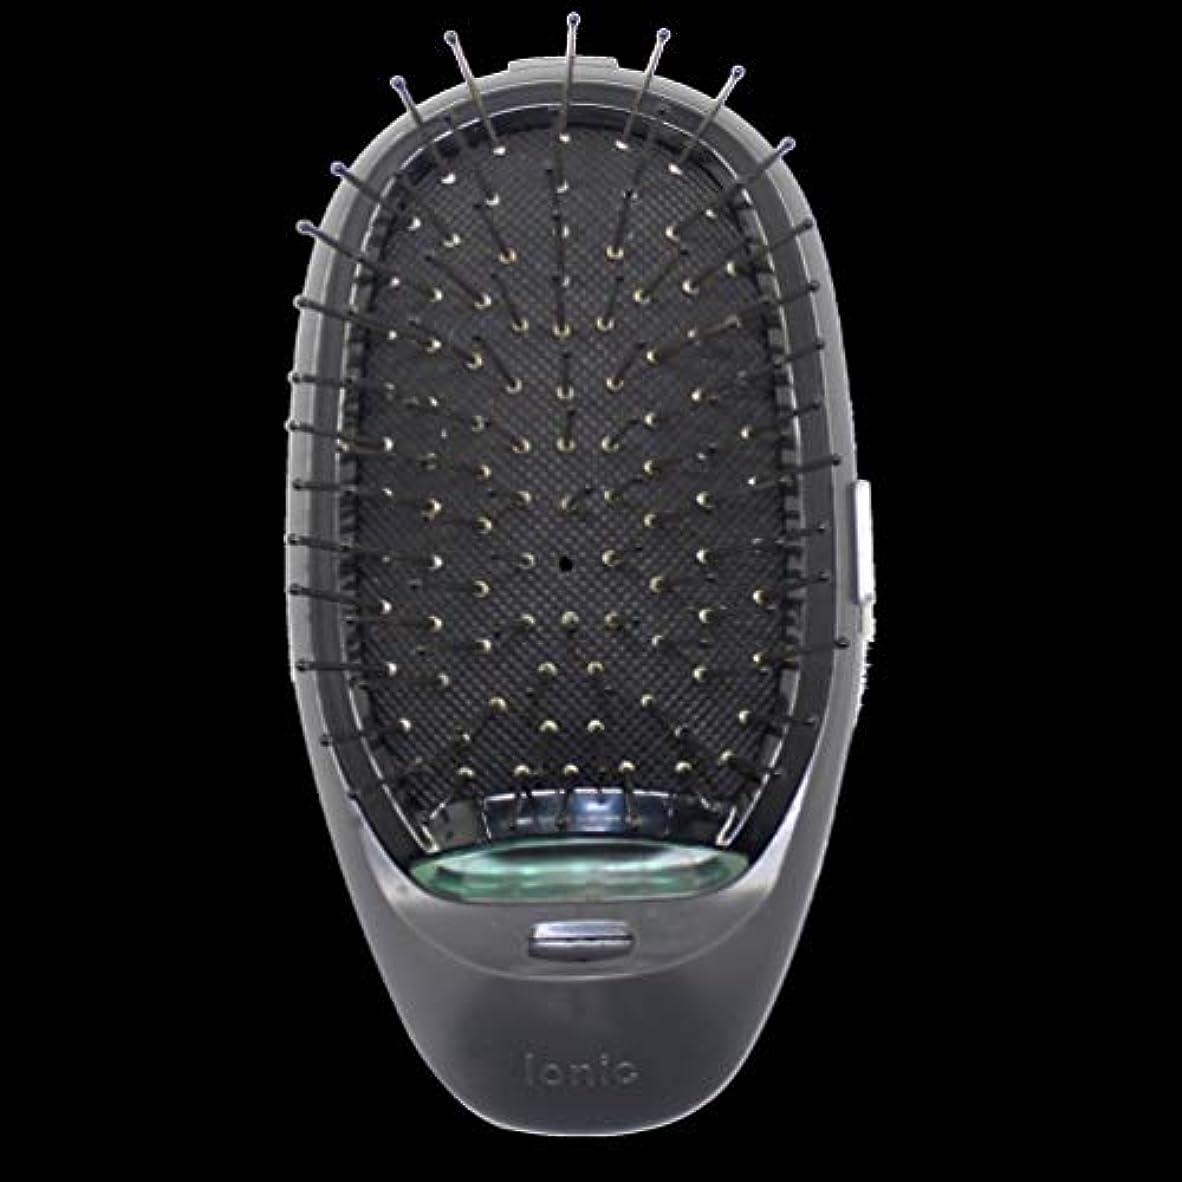 おかしい昼寝自分の電動マッサージヘアブラシミニマイナスイオンヘアコム3Dインフレータブルコーム帯電防止ガールズヘアブラシ電池式 - ブラック